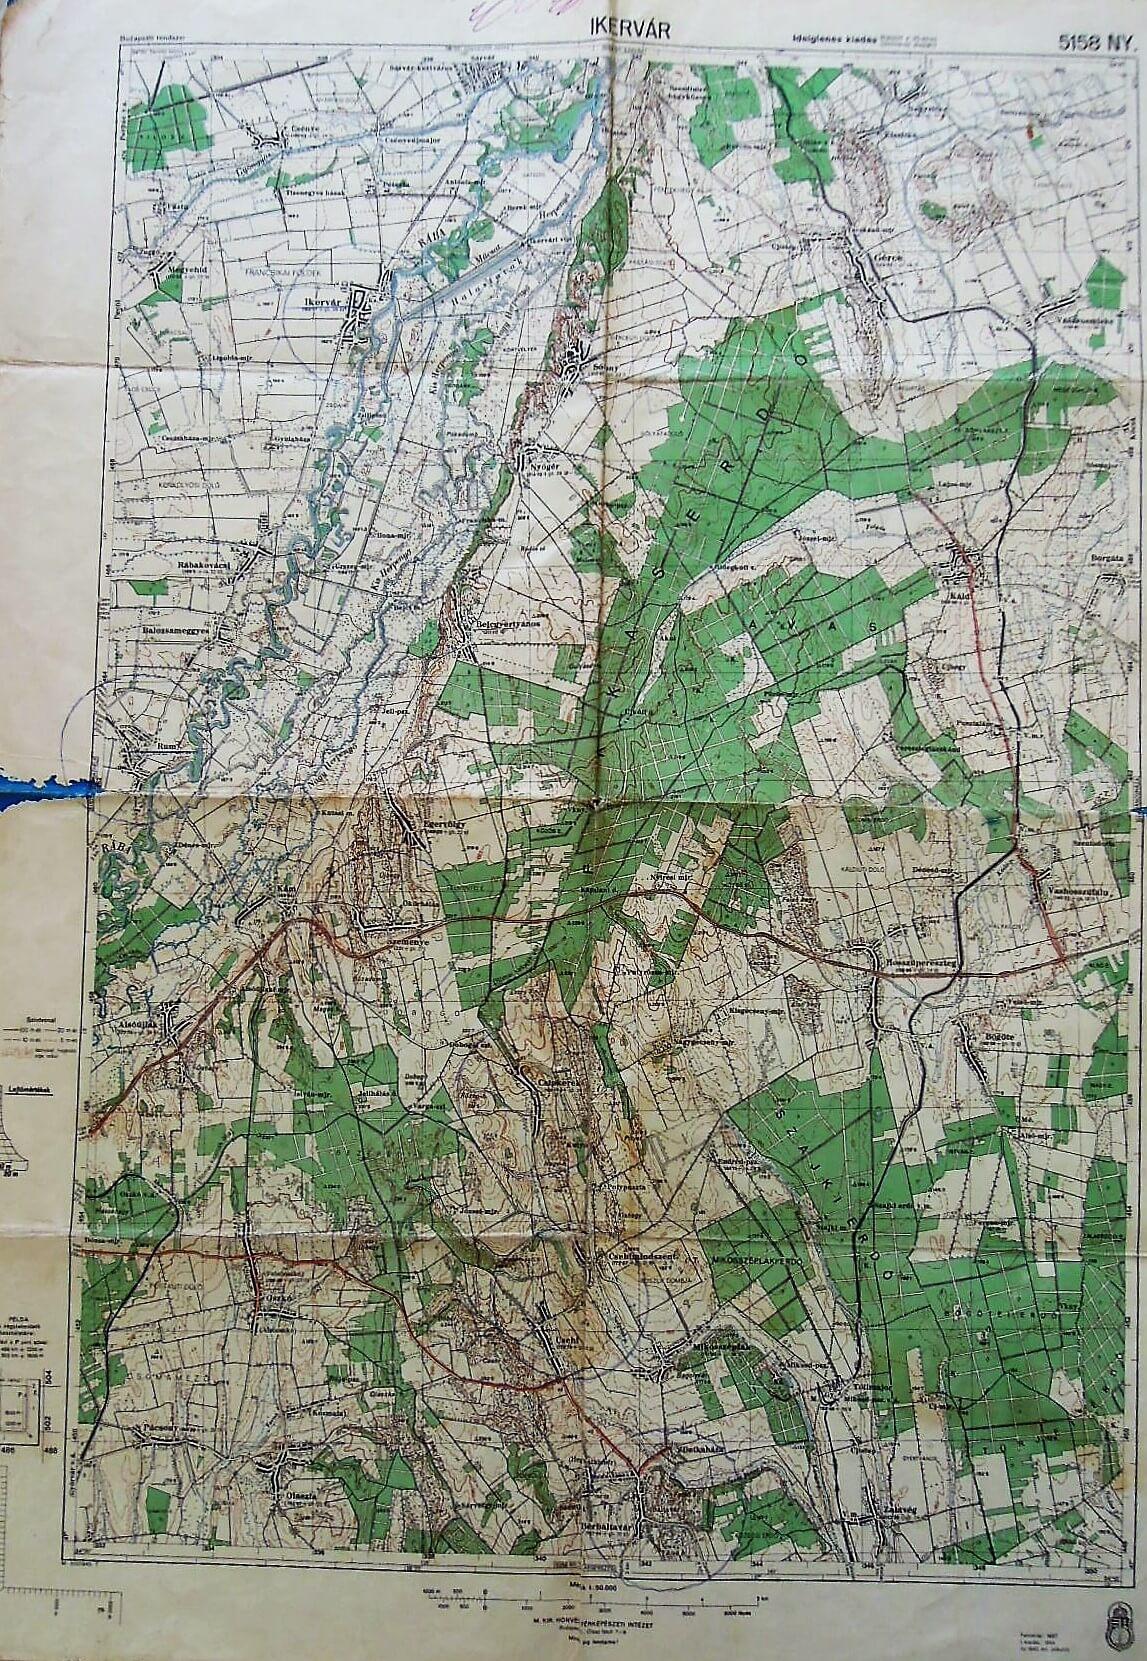 Sárvár Ikervár Vasvár környéke régi térkép 1944